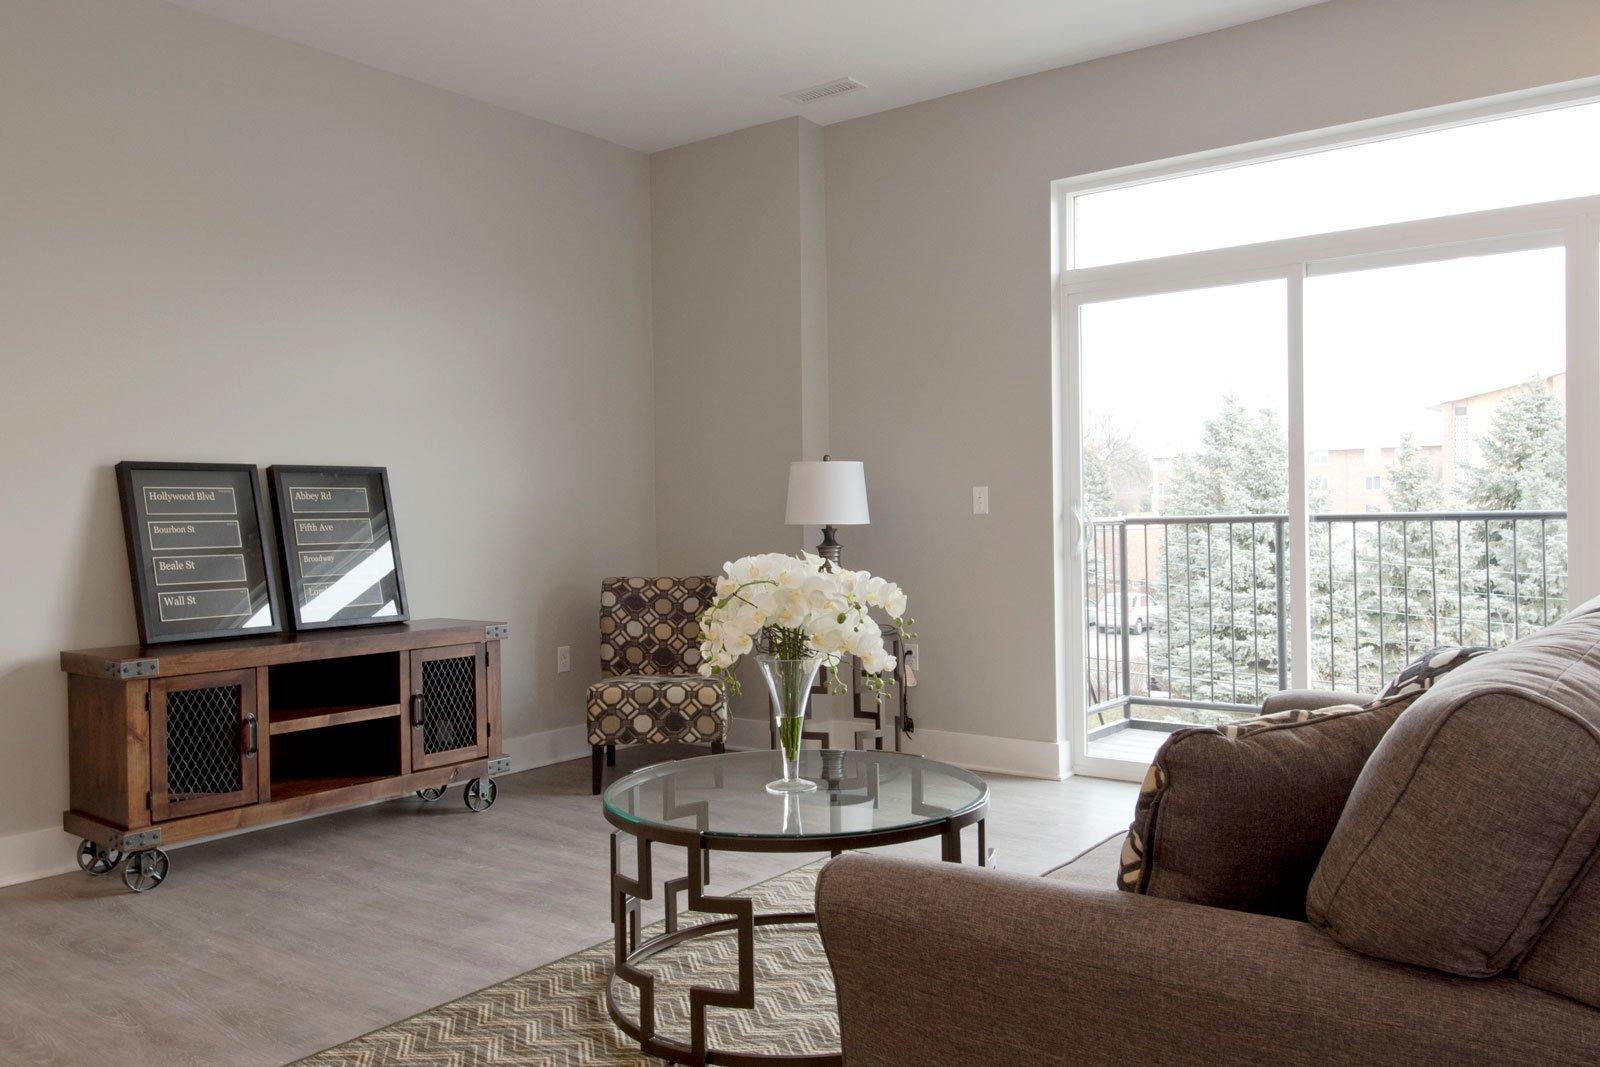 Fulton Spuare Apartments Located In Grand Rapids Michigan